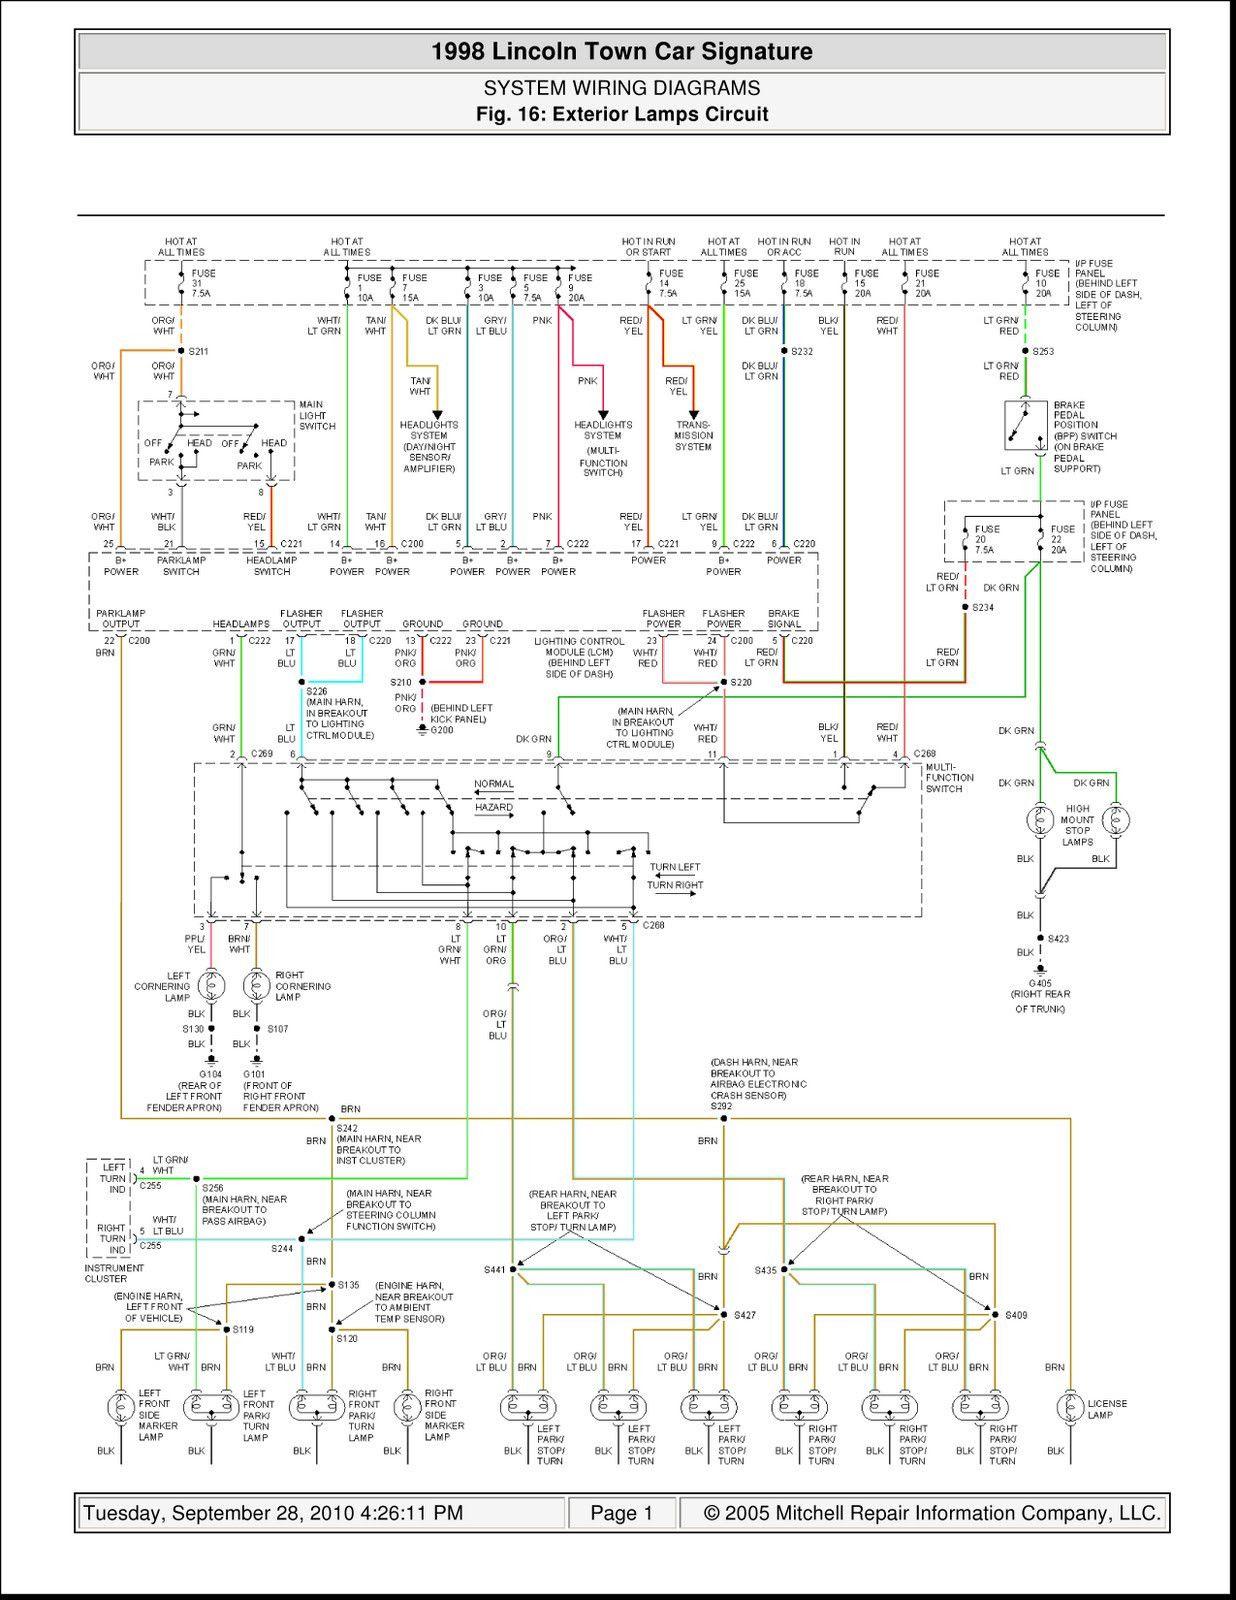 12 1986 Lincoln Town Car Wiring Diagram Car Diagram Wiringg Net In 2020 Lincoln Town Car Car Alternator Car